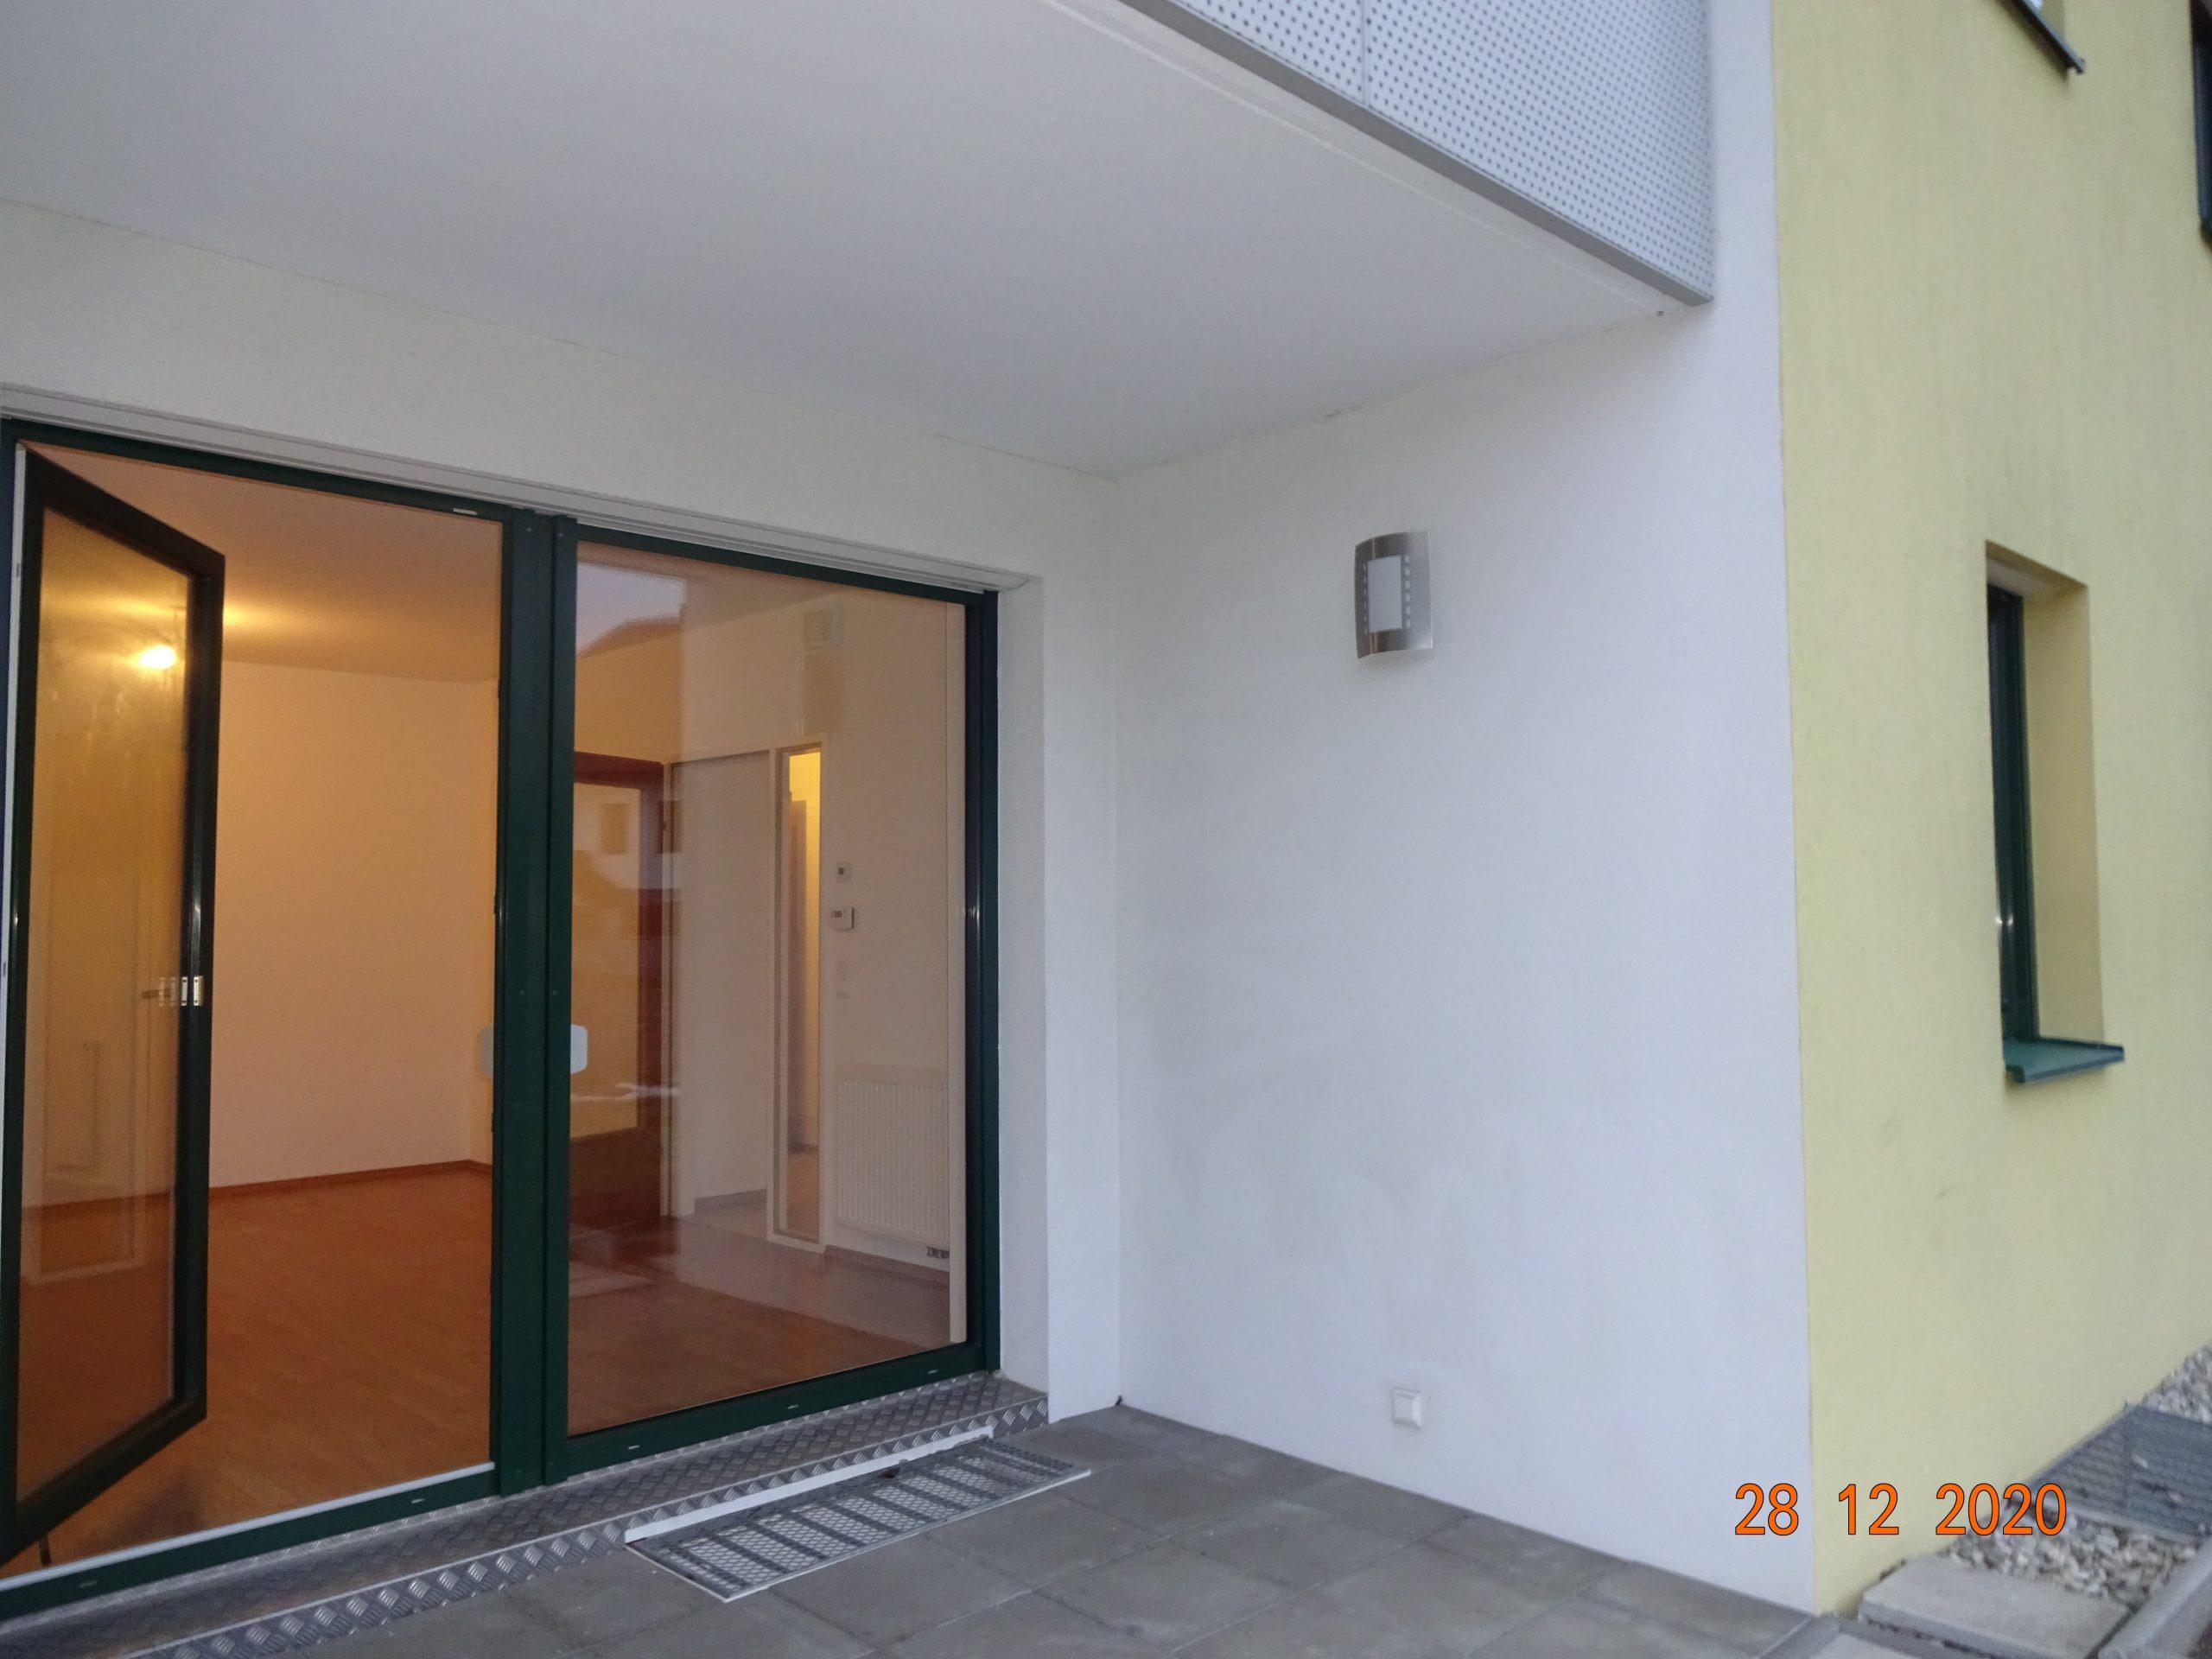 Immobilie von Kamptal in 3572 St. Leonhard am Hornerwald, Krems(Land), St. Leonhard I/2 - Top 202 #2